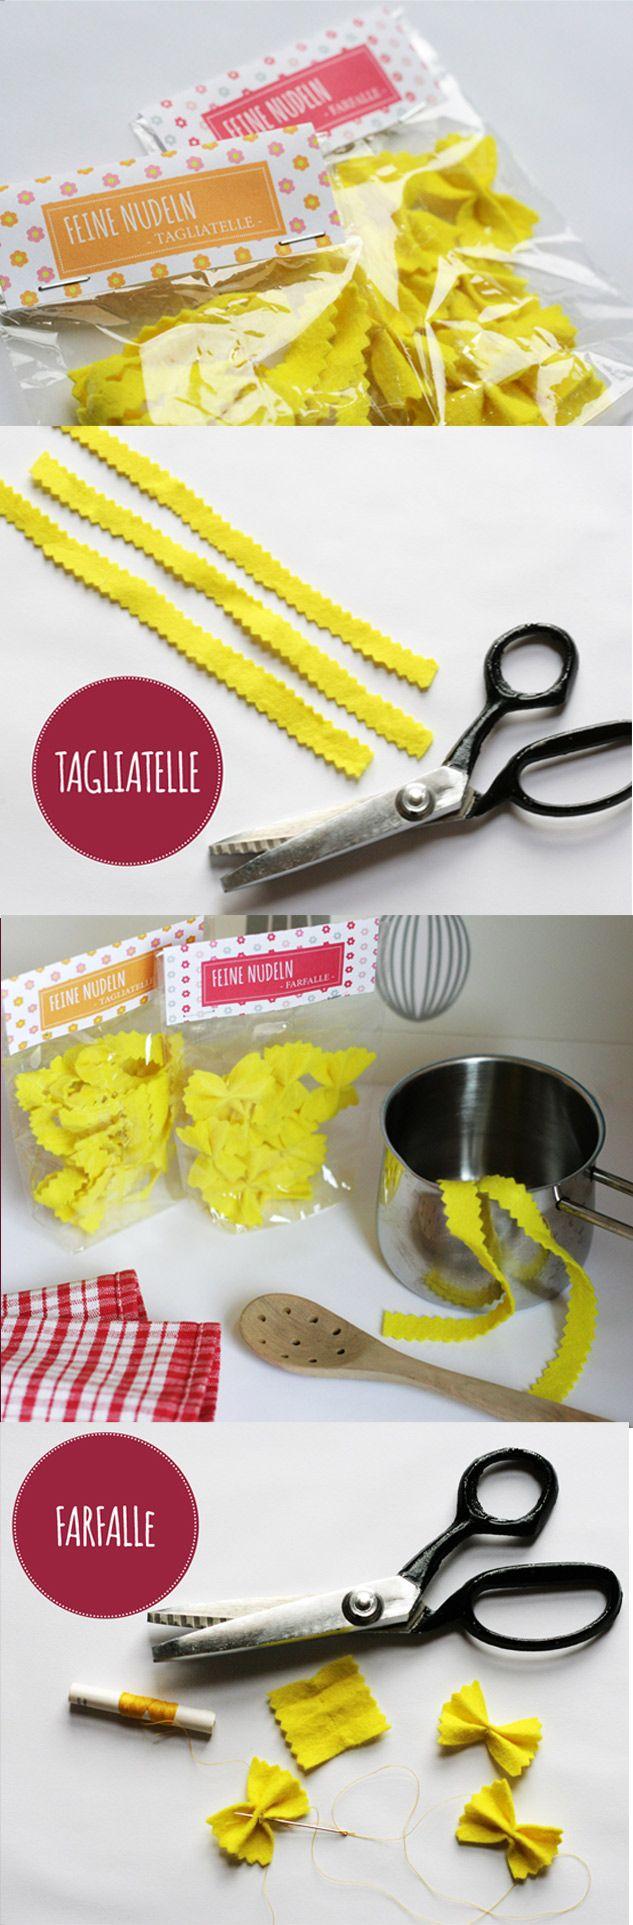 Basteln mit Nudeln – Pasta für Küche und Kaufladen selber machen